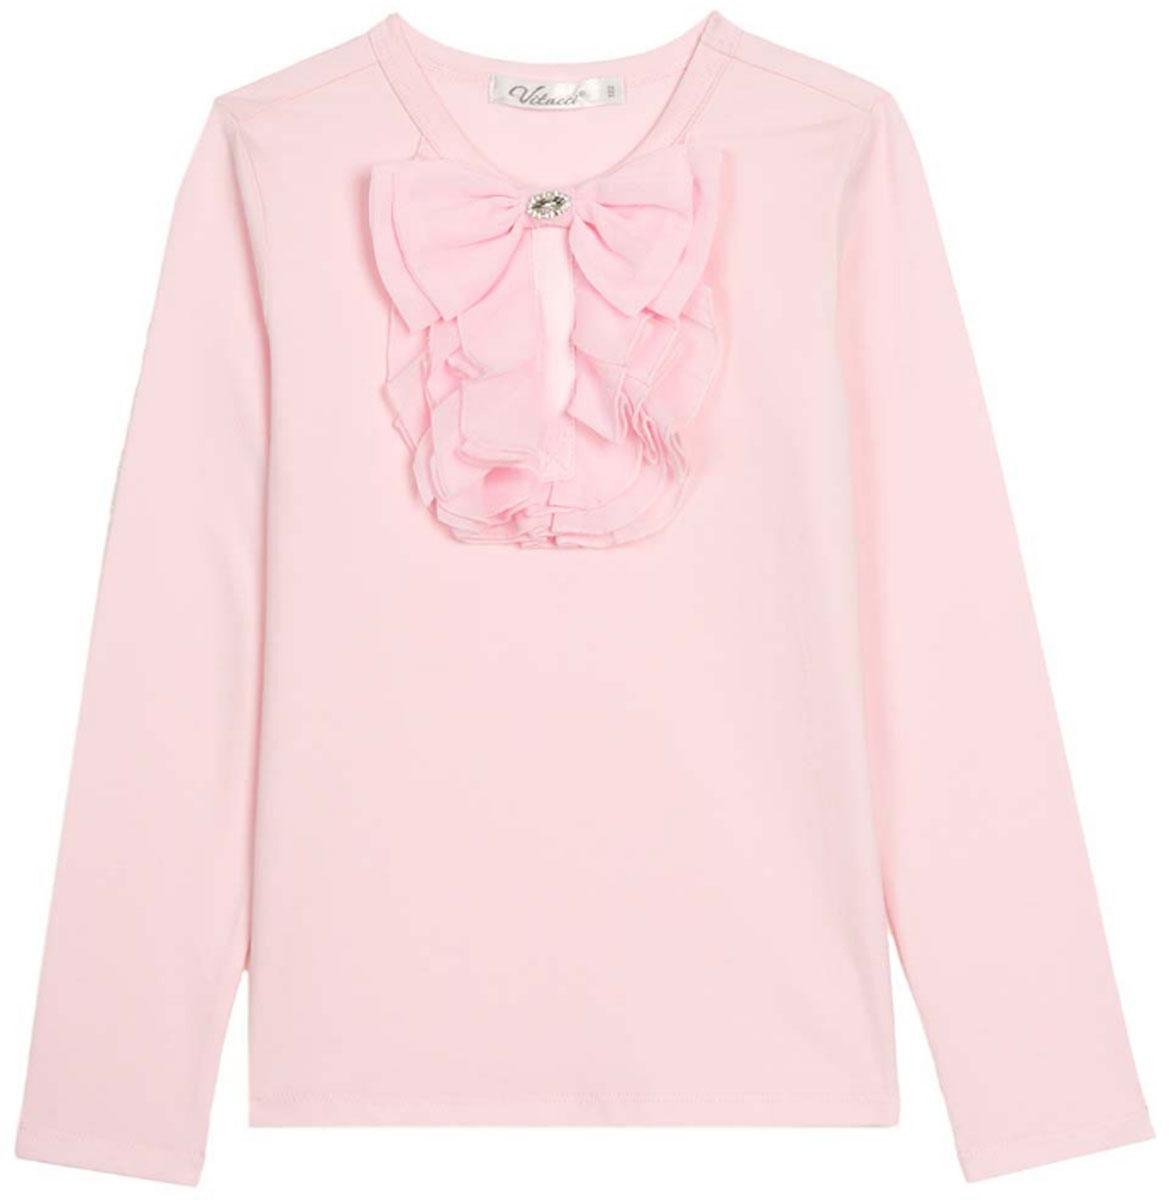 Блузка для девочки Vitacci, цвет: розовый. 2173082-11. Размер 1522173082-11Школьная блузка для девочки от Vitacci выполнена из эластичного хлопкового трикотажа. Модель с длинными рукавами и круглым вырезом горловины на полочке оформлена жабо.